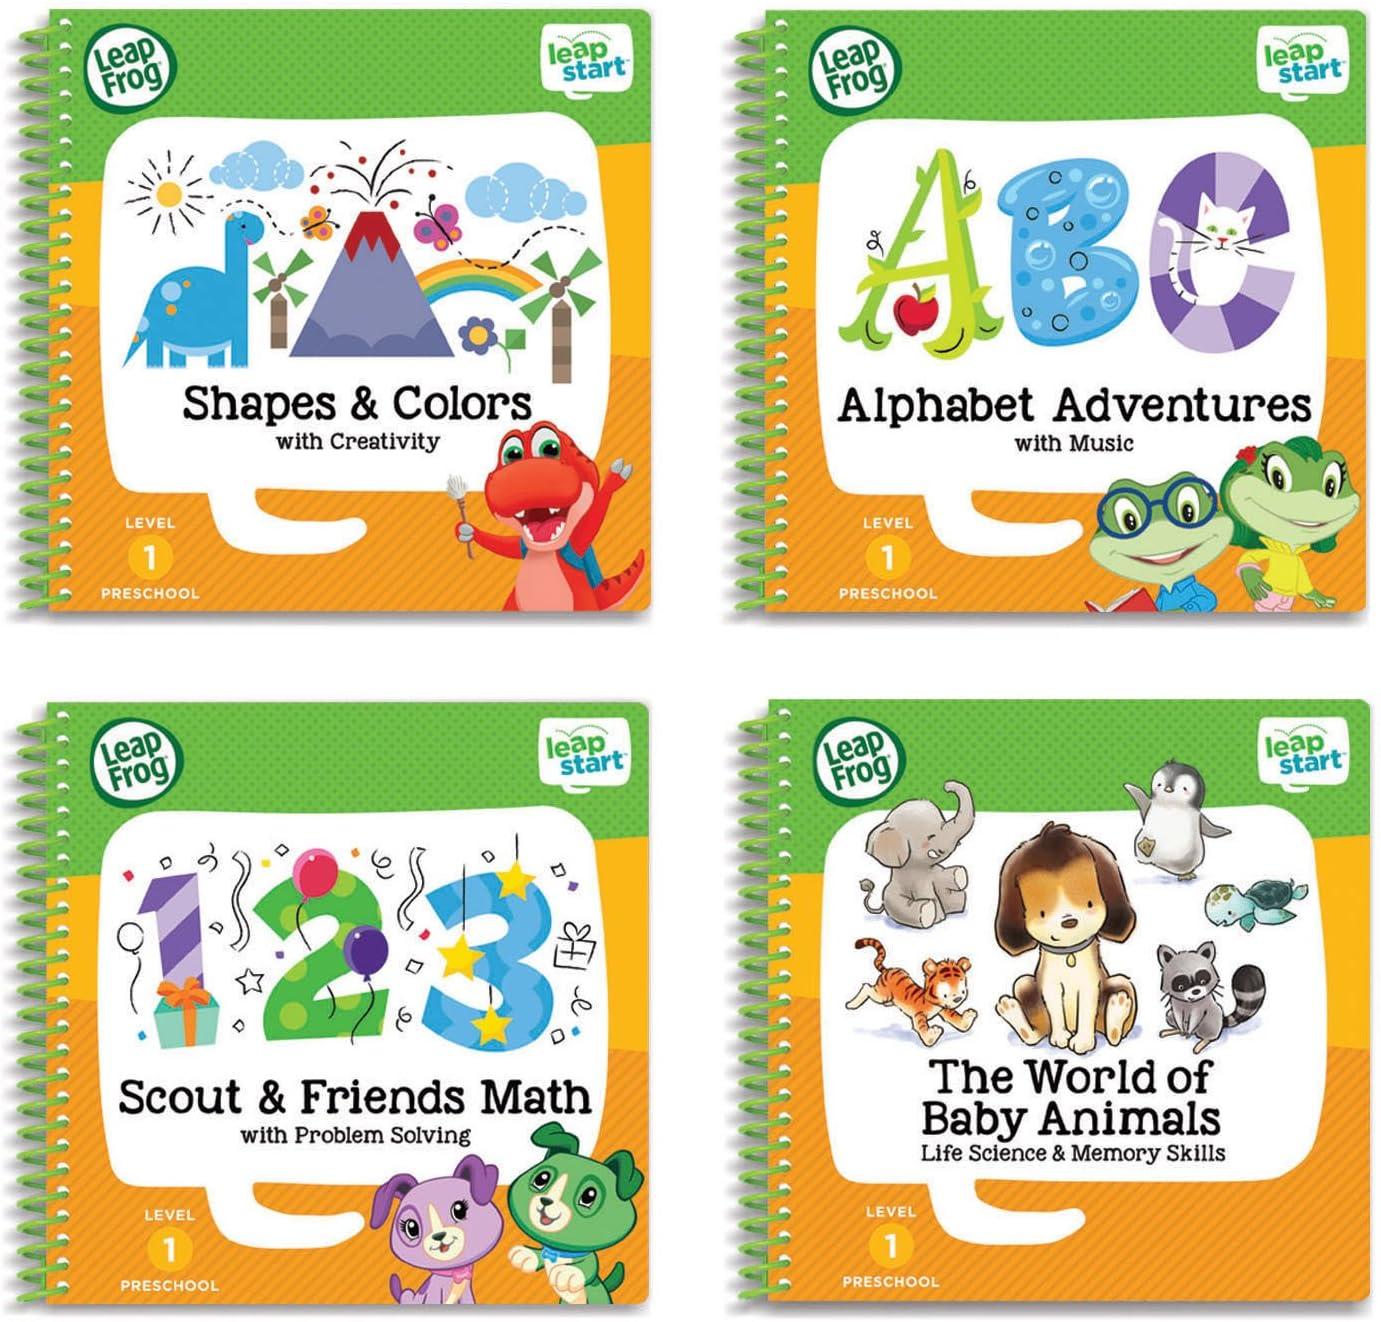 colores y creatividad actividad Libro De Aprendizaje leapstart BN Leapfrog formas